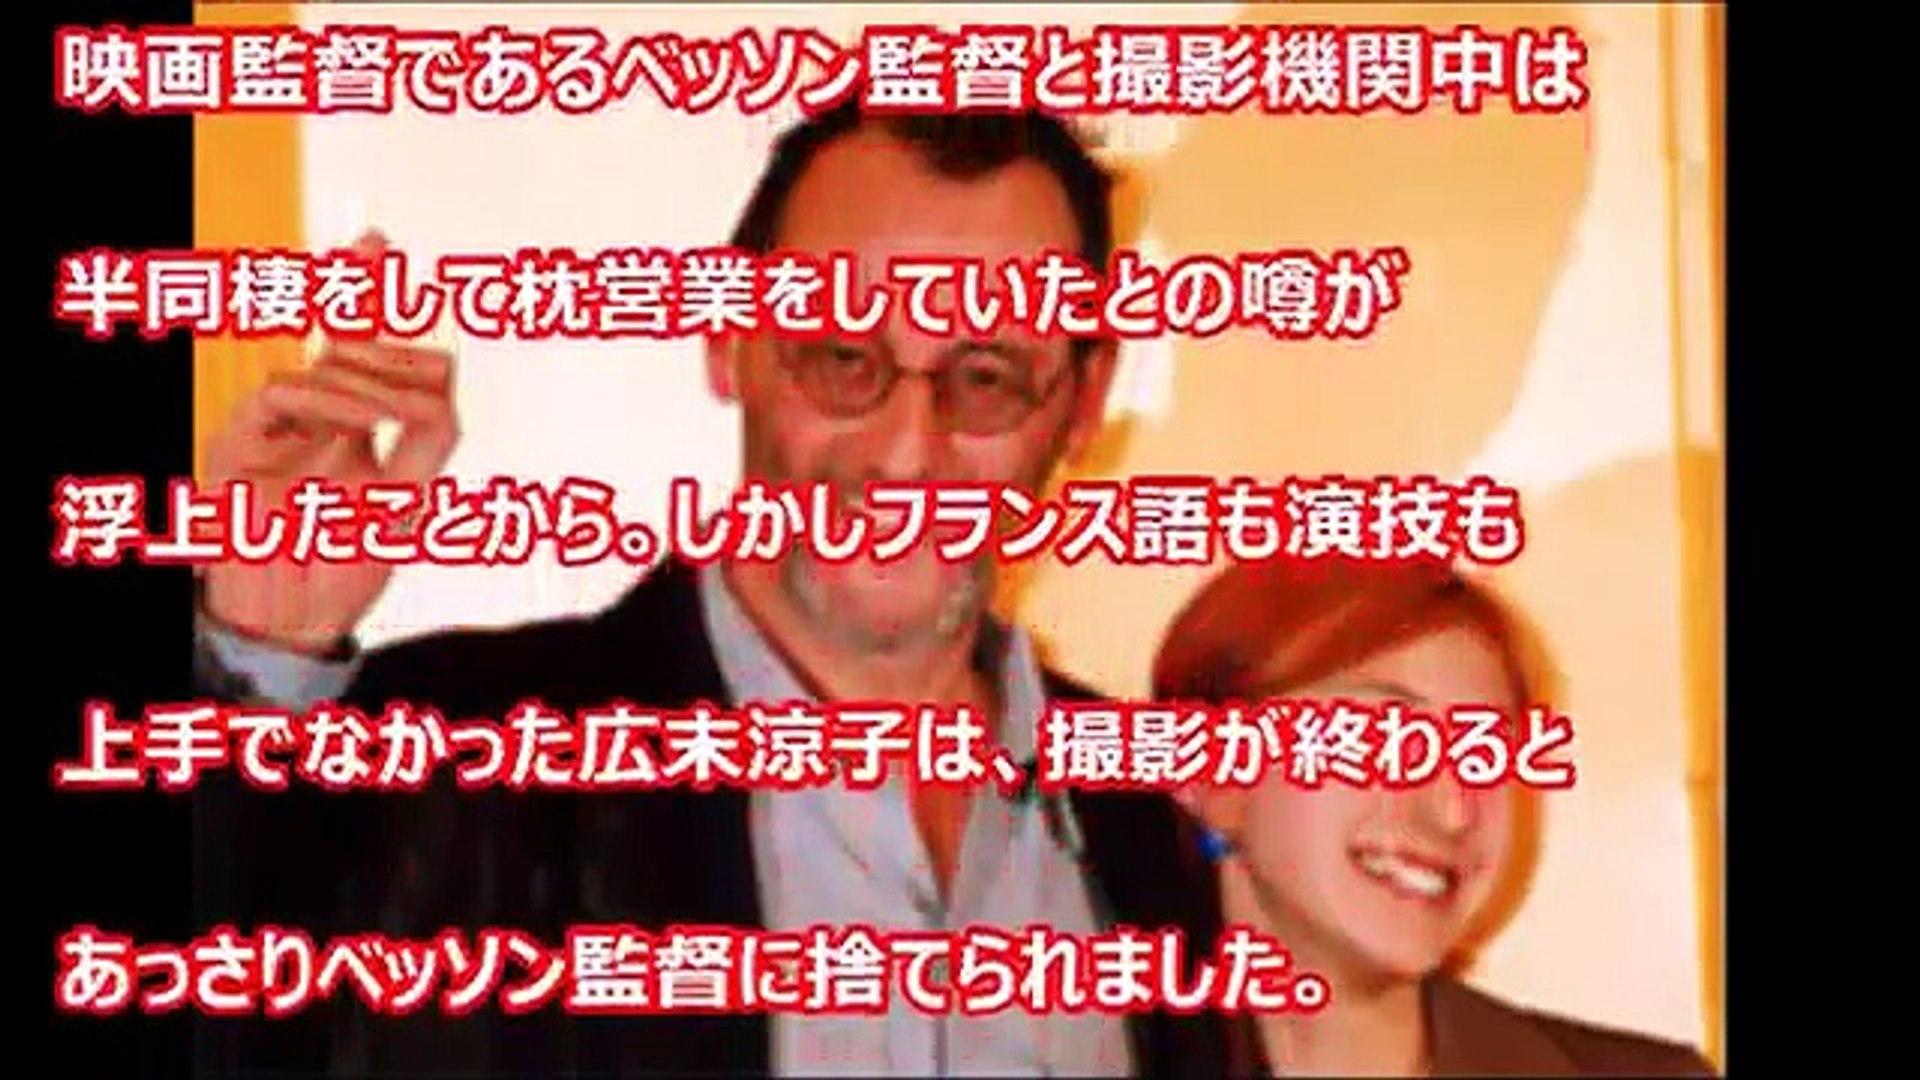 関東連合 枕営業